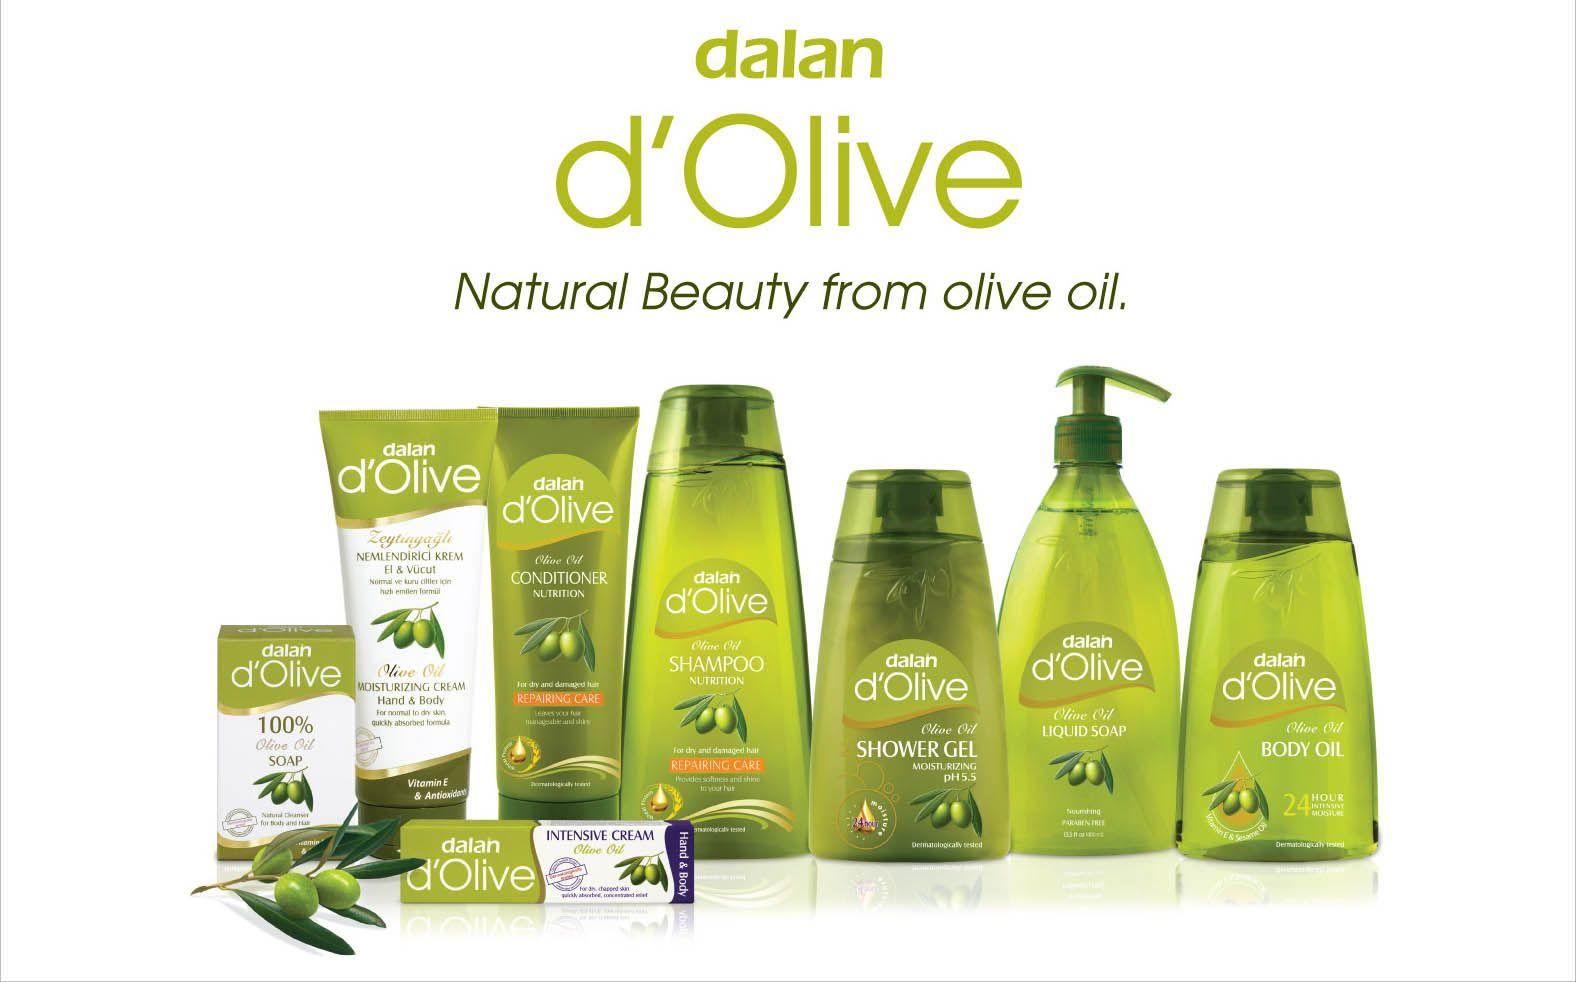 Kết quả hình ảnh cho Dalan D'olive brand